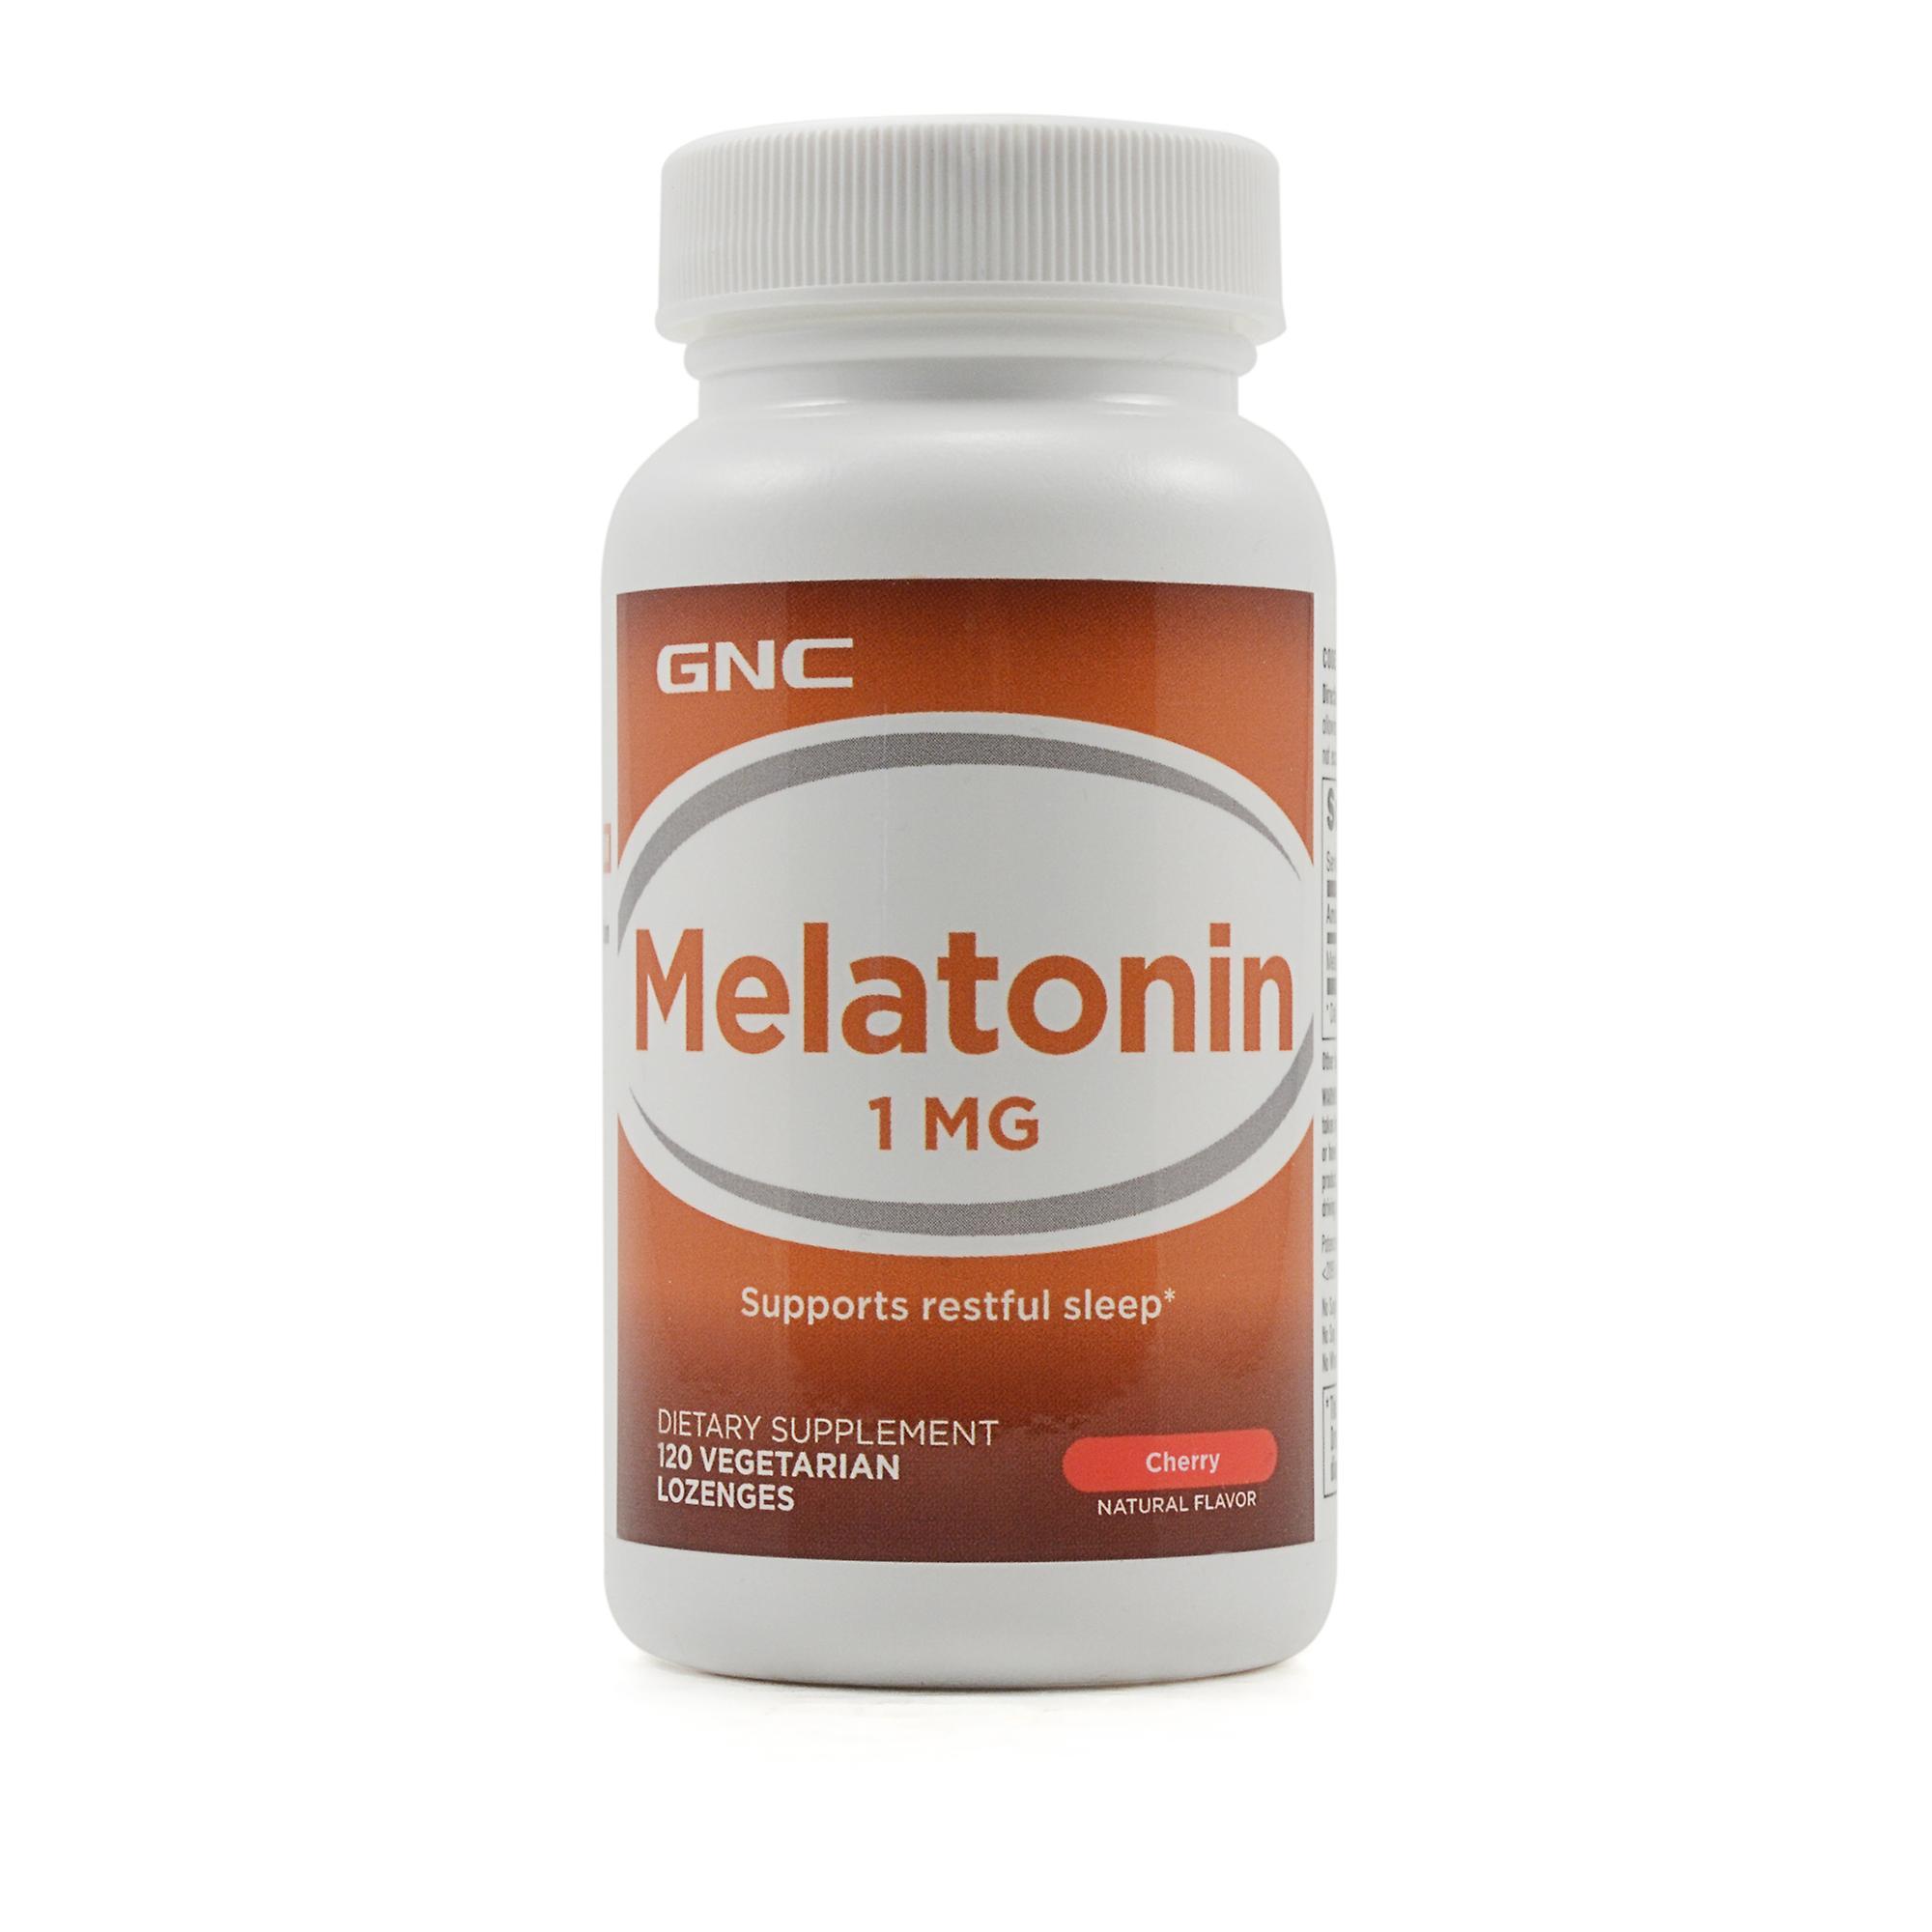 GNC Melatonin Review - LabDoor